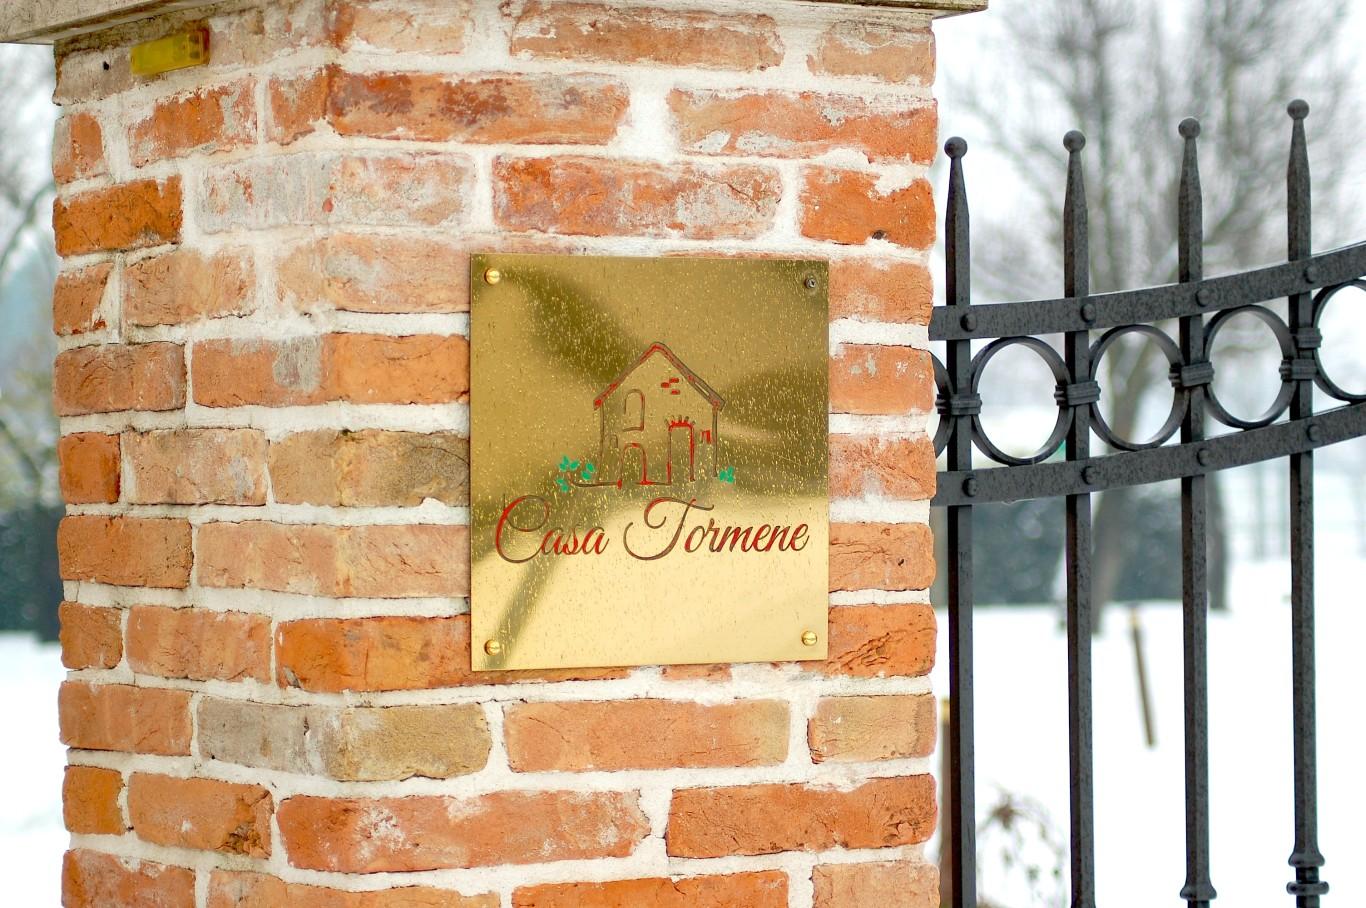 Location Eventi Invernali Veneto5